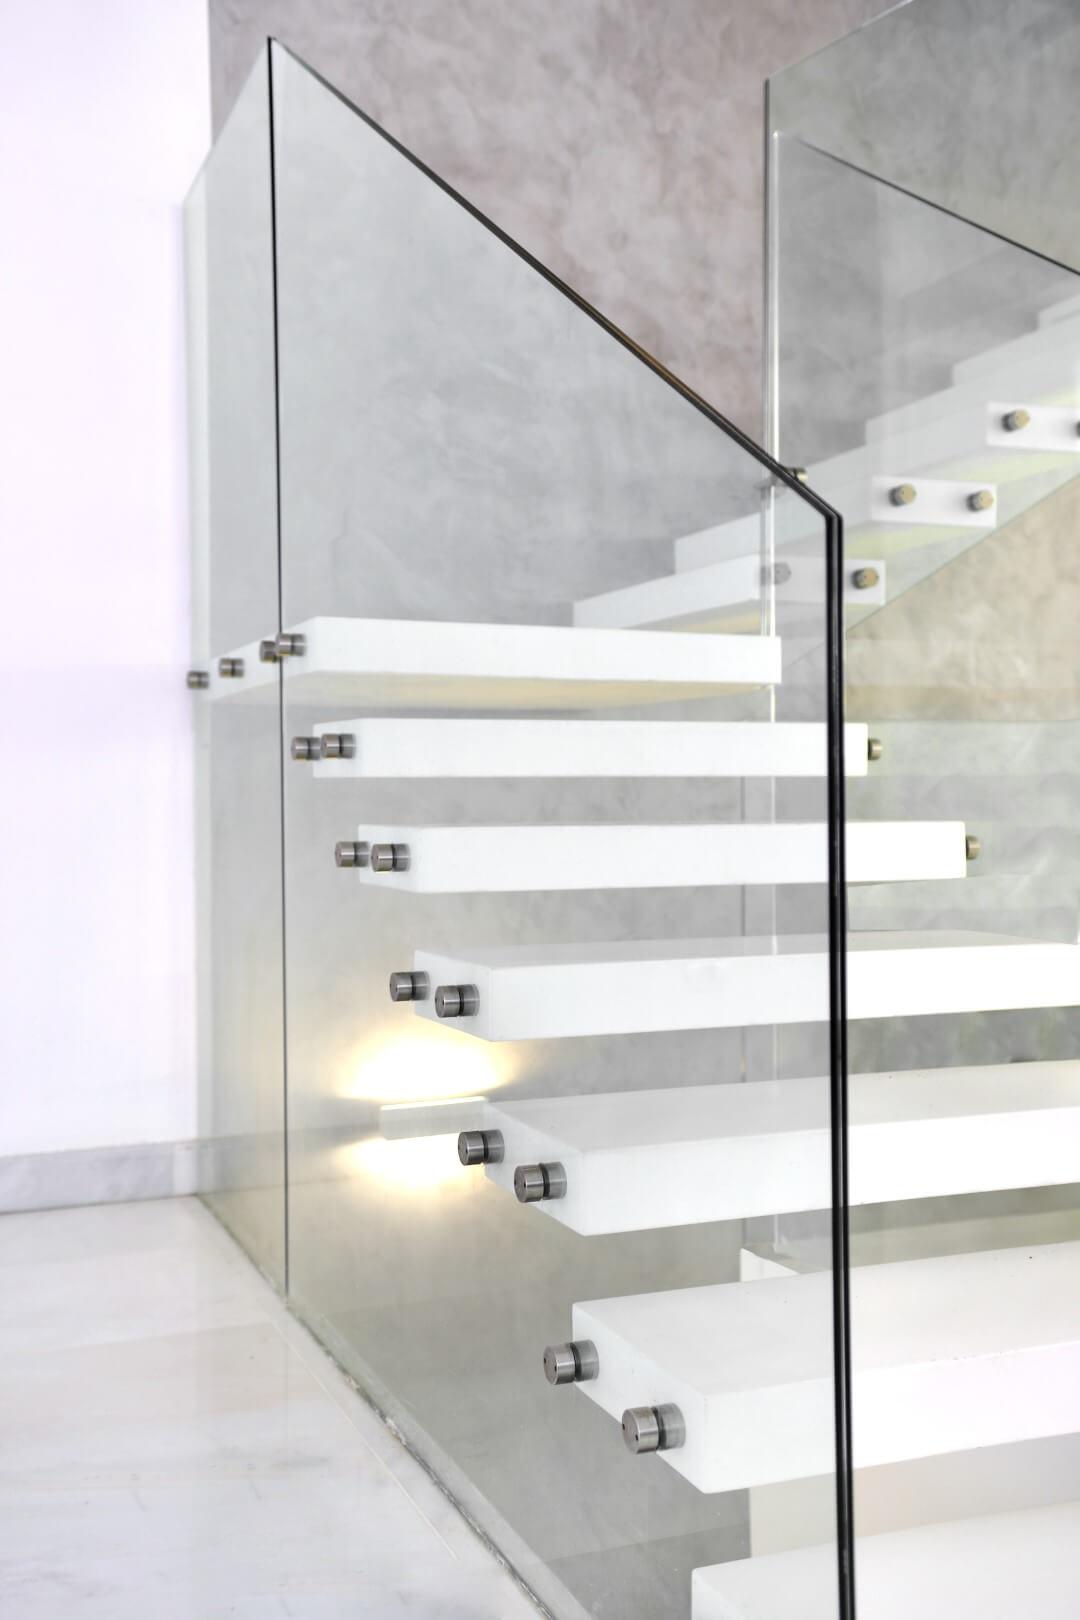 תקריב של מעקה הזכוכית ומדרכי הקוריאן הלבן של המדרגות